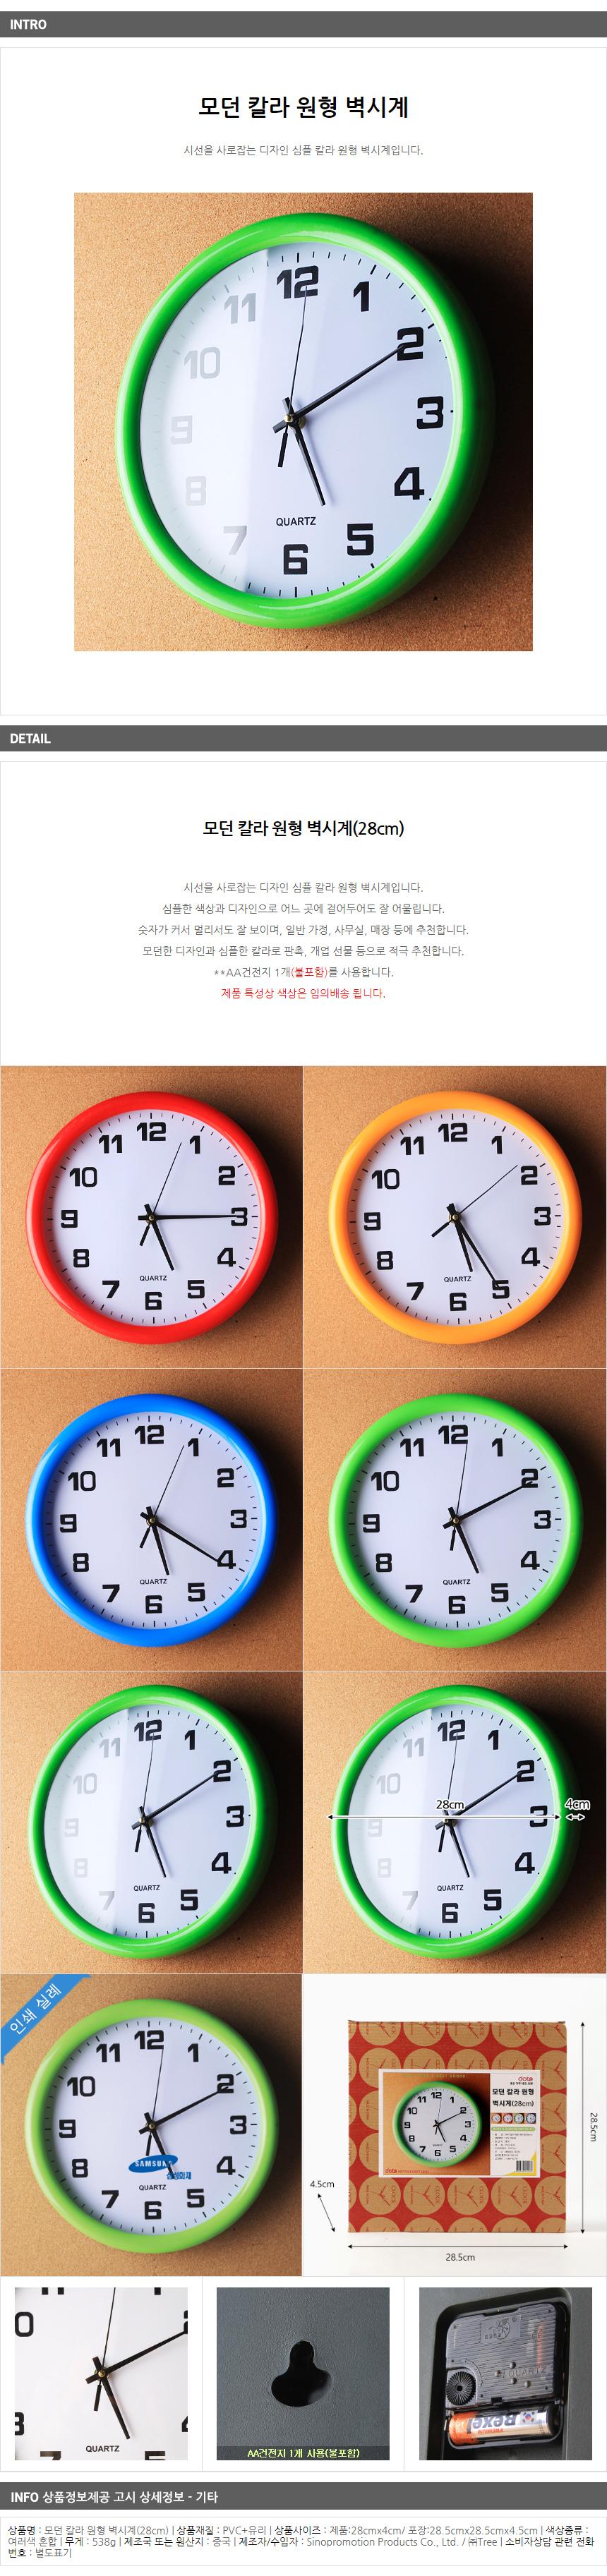 모던 칼라 원형 벽시계/인테리어시계 벽걸이시계 - 기프트갓, 6,390원, 벽시계, 디자인벽시계